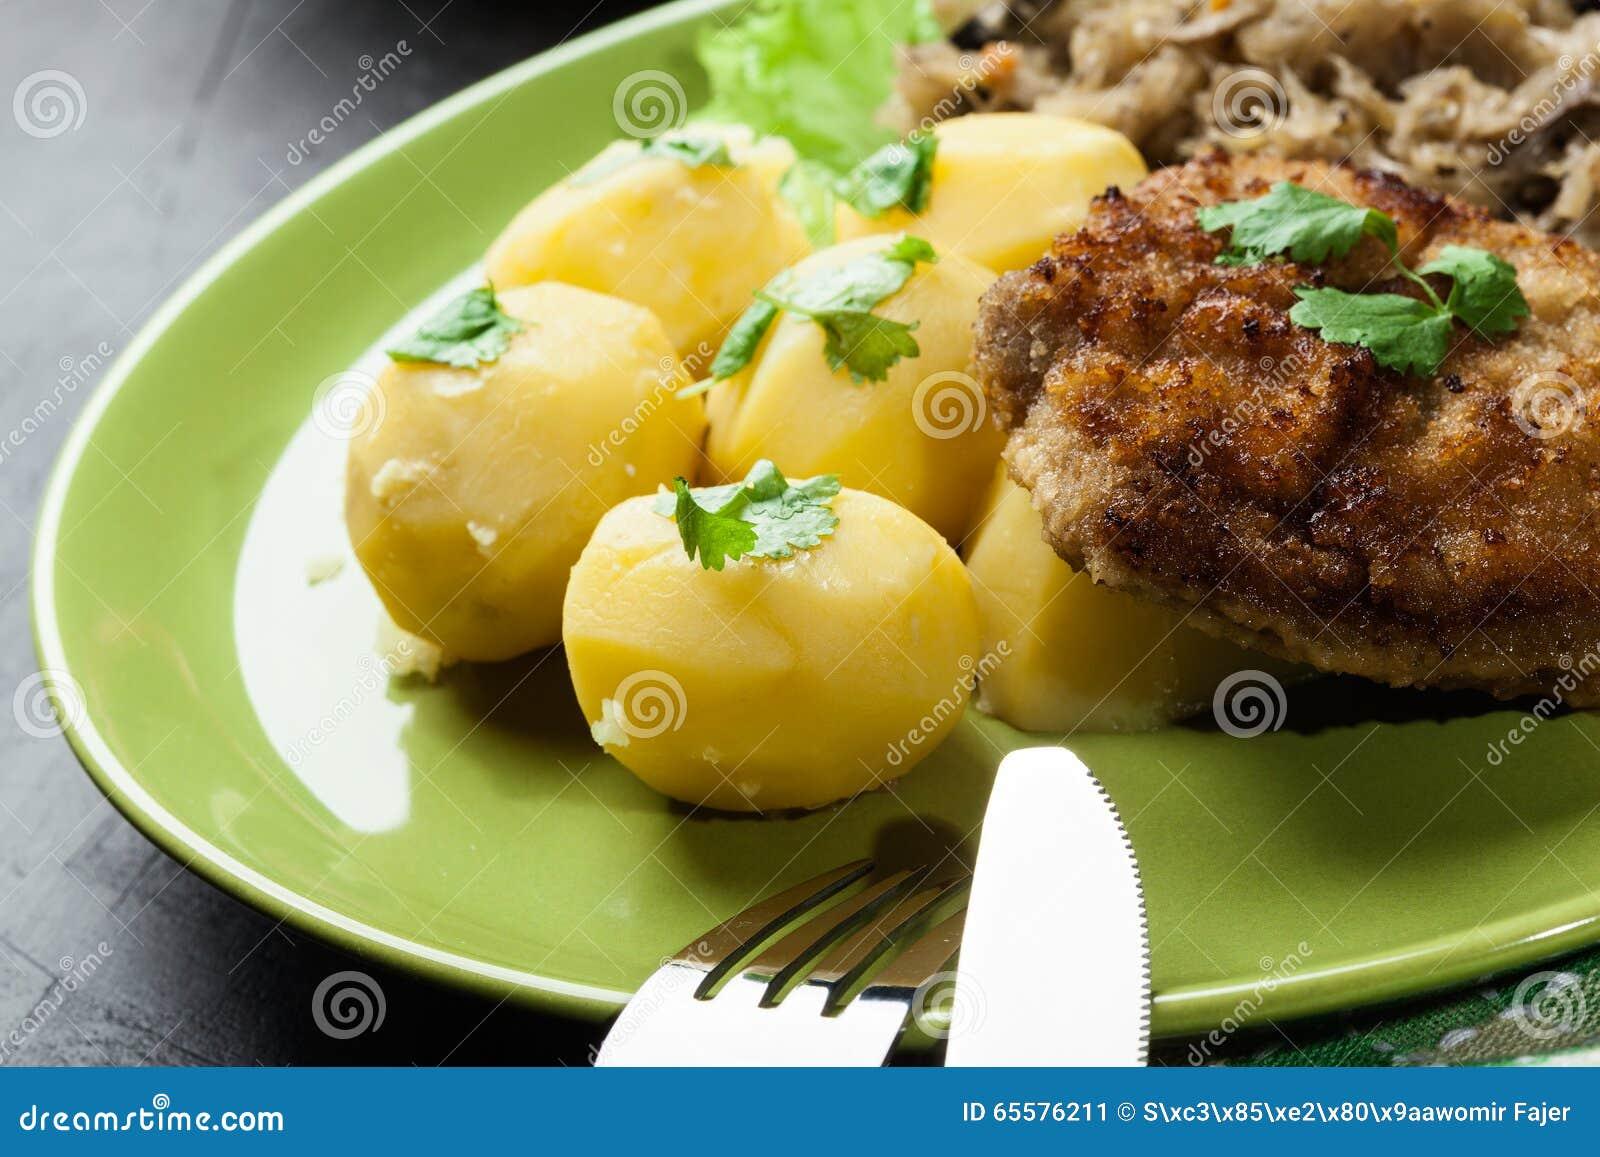 Batatas fervidas com a costeleta de carneiro fritada da carne de porco e o chucrute fritado